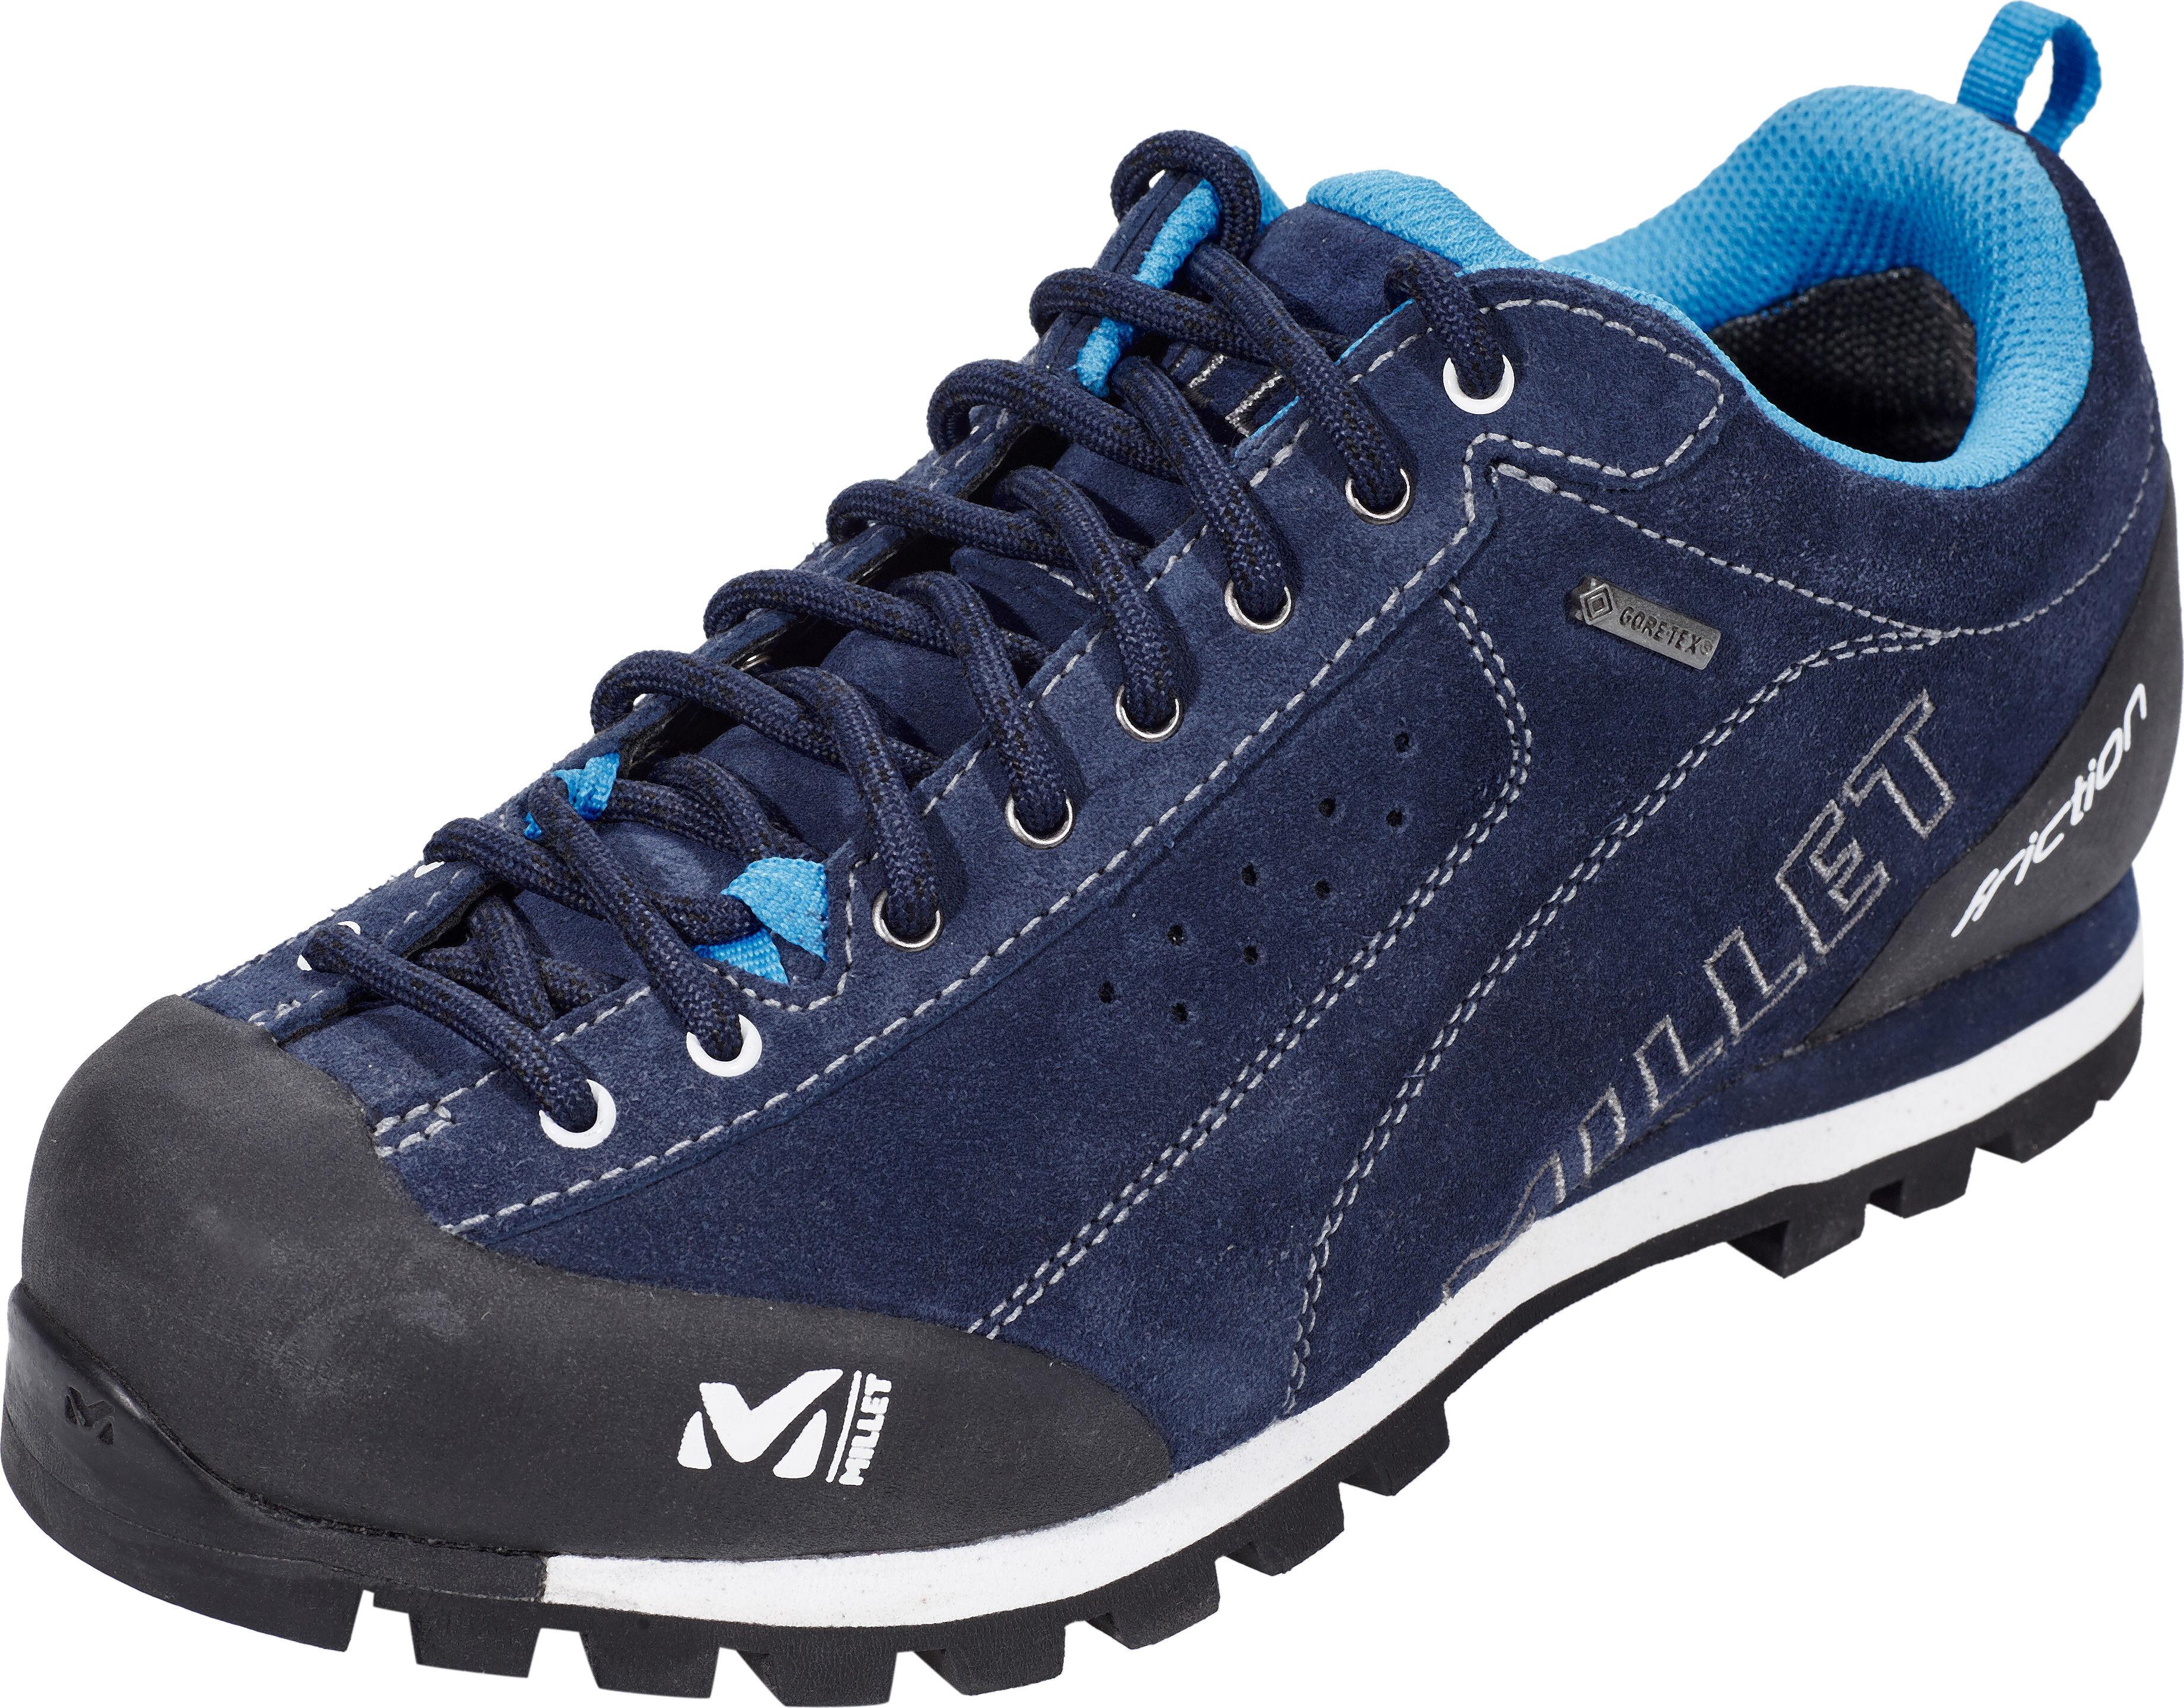 23c08cc4cc8446 Millet Friction Shoes Women GTX blue at Addnature.co.uk